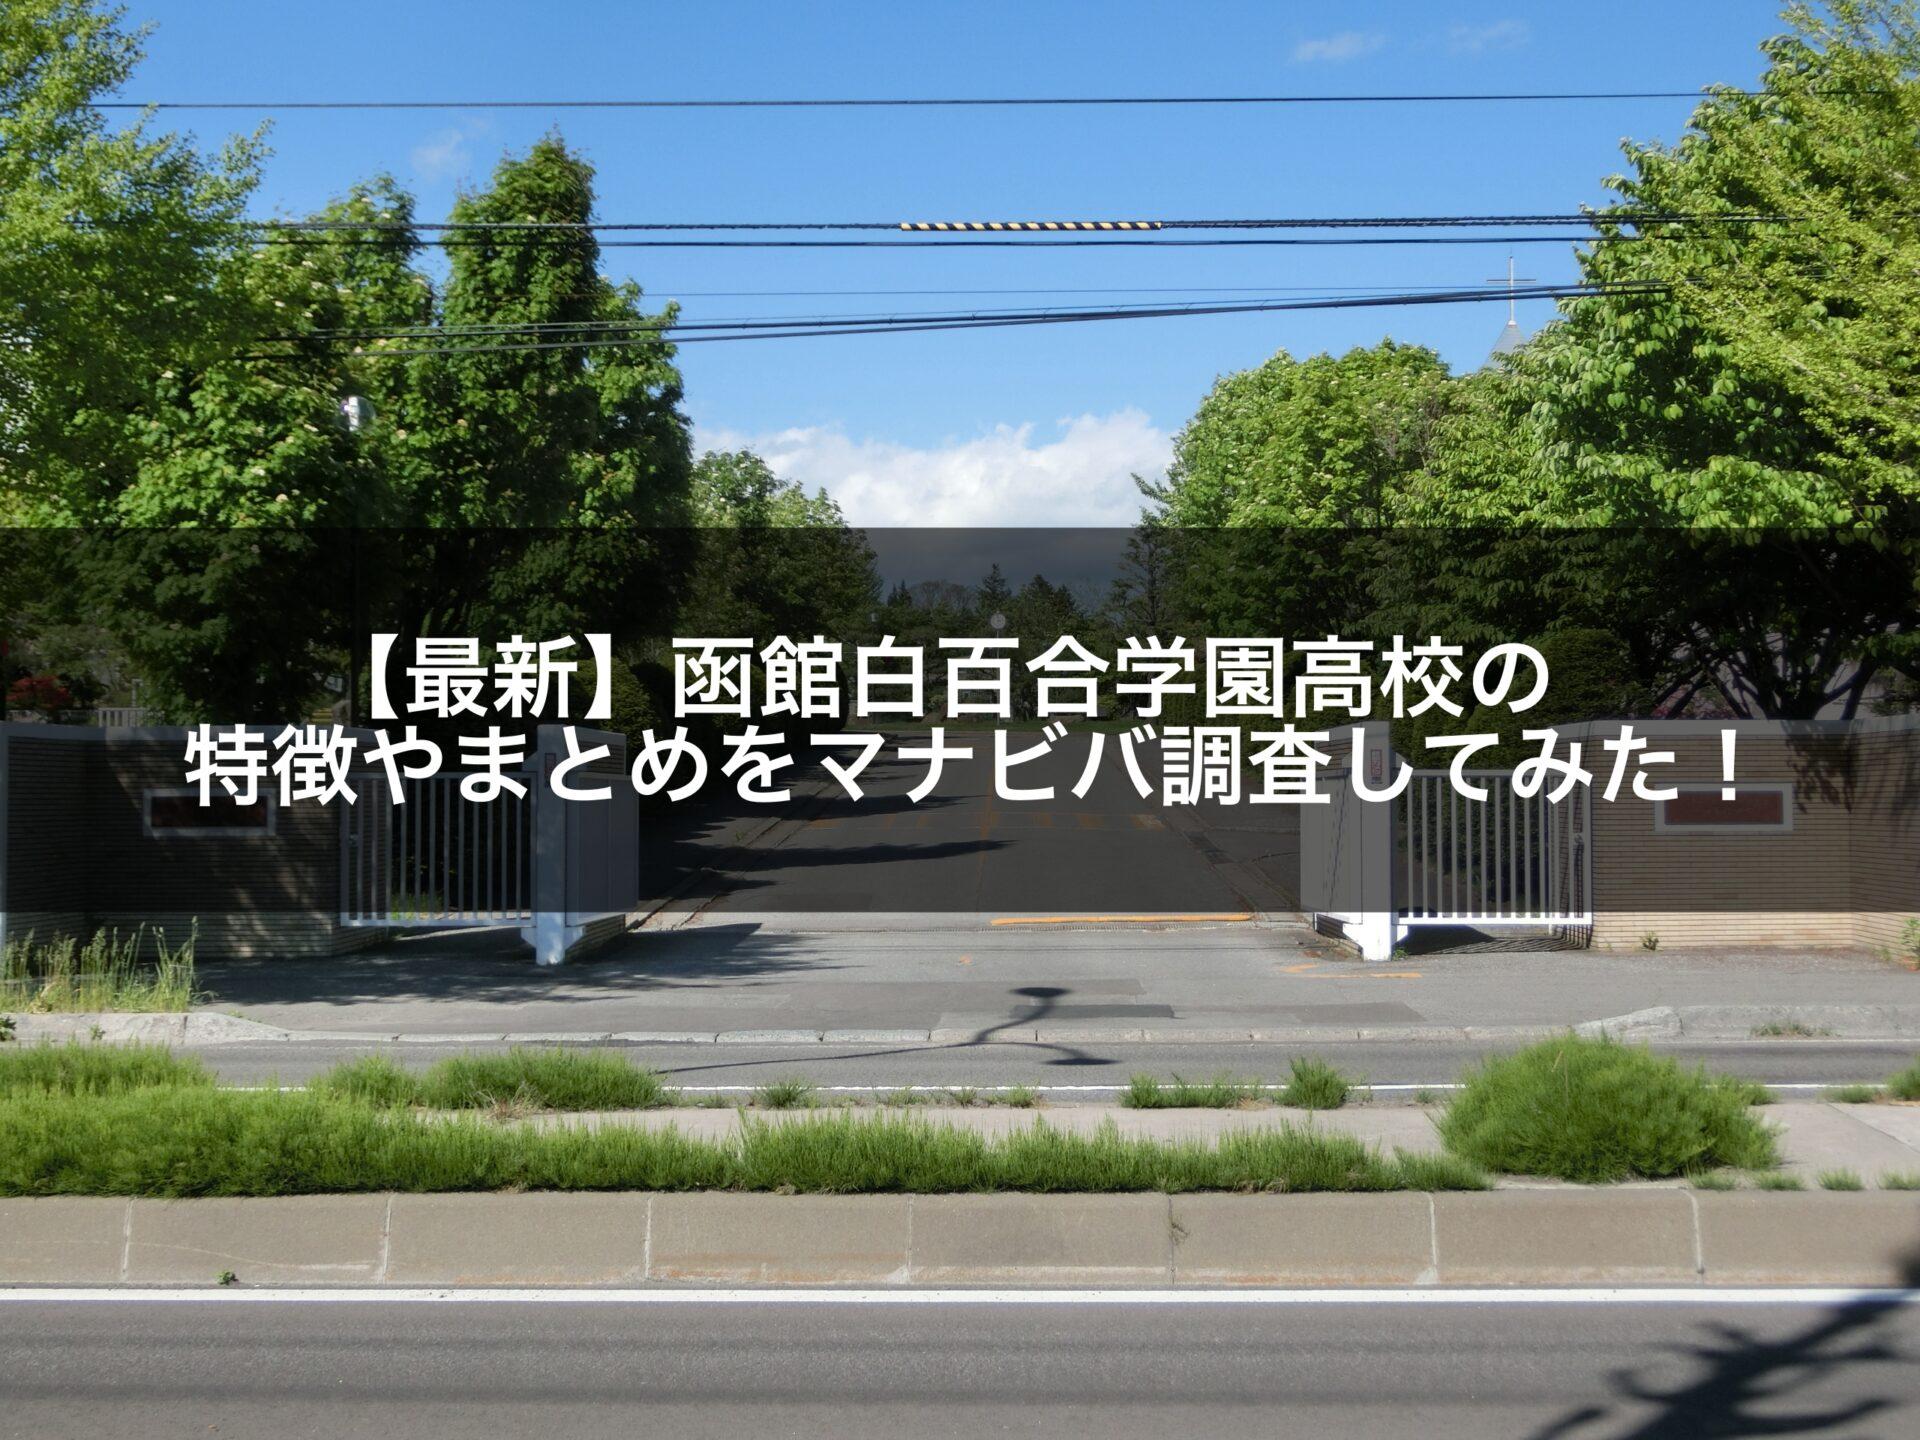 【2021年最新】函館白百合学園高校の特徴やまとめをマナビバ調査してみた!